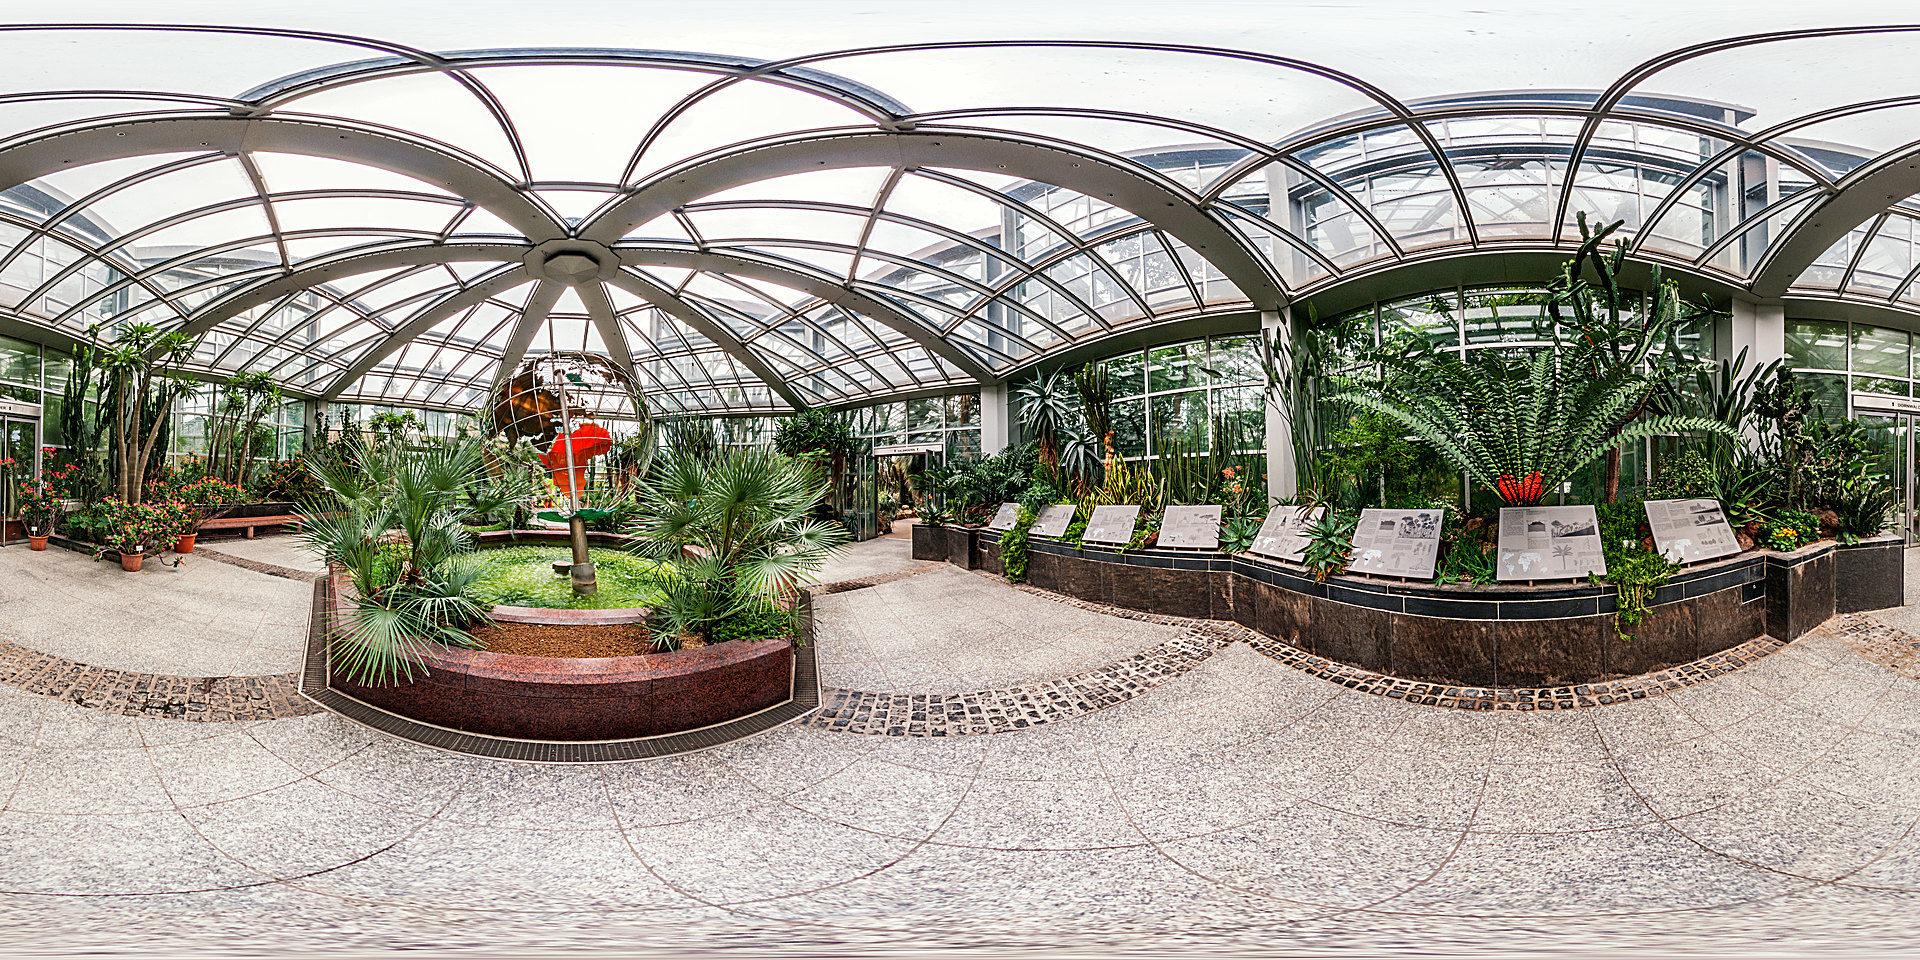 Palmengarten Tropicarium - Trockene Tropen